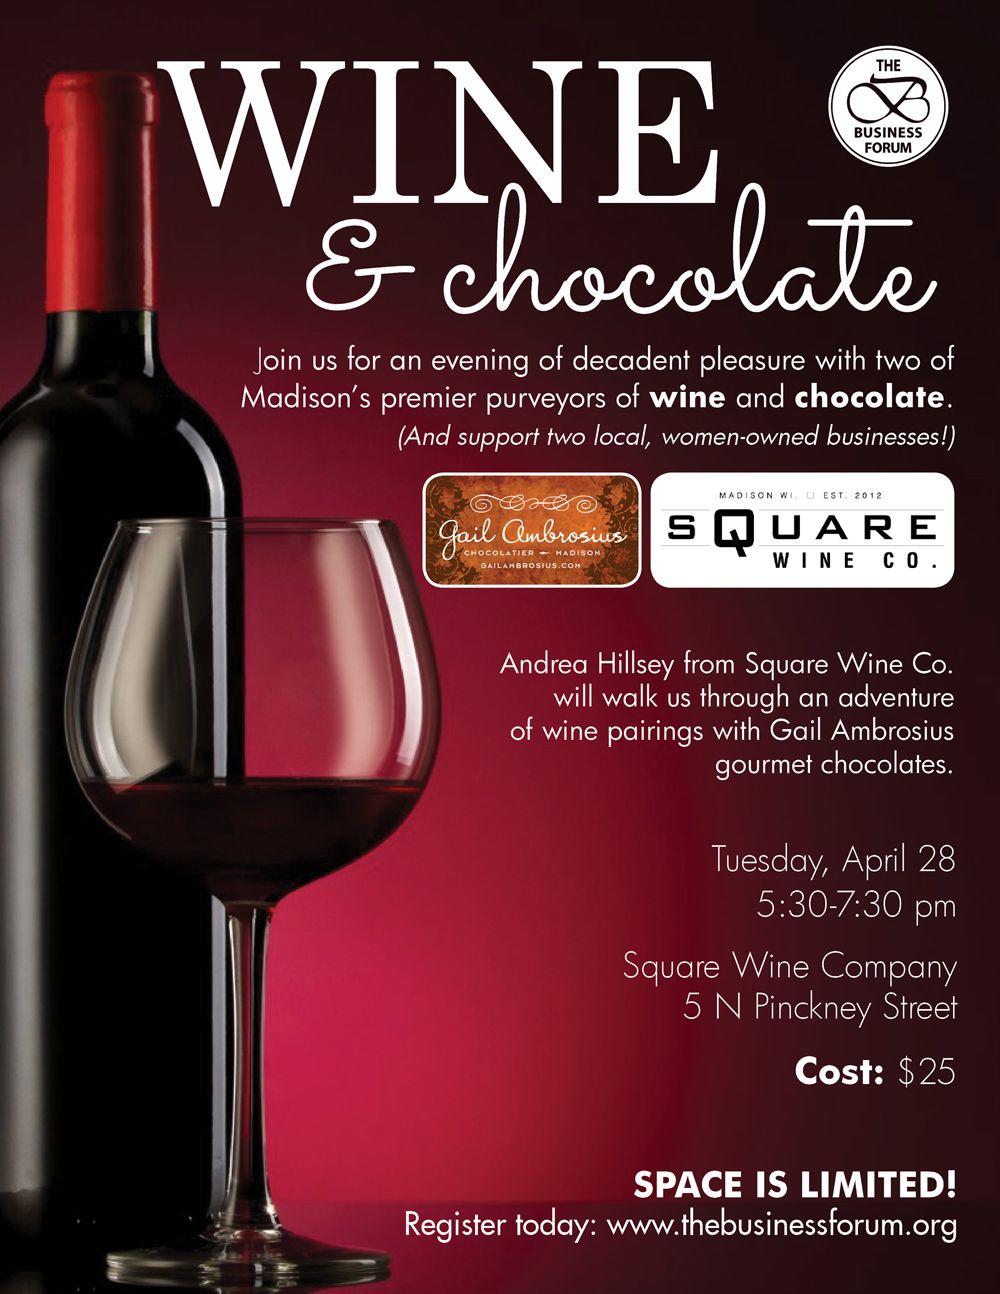 Wine-Tasting-Flyer-1.jpg #DuVino #wine www.vinoduvino.com | Wine ...